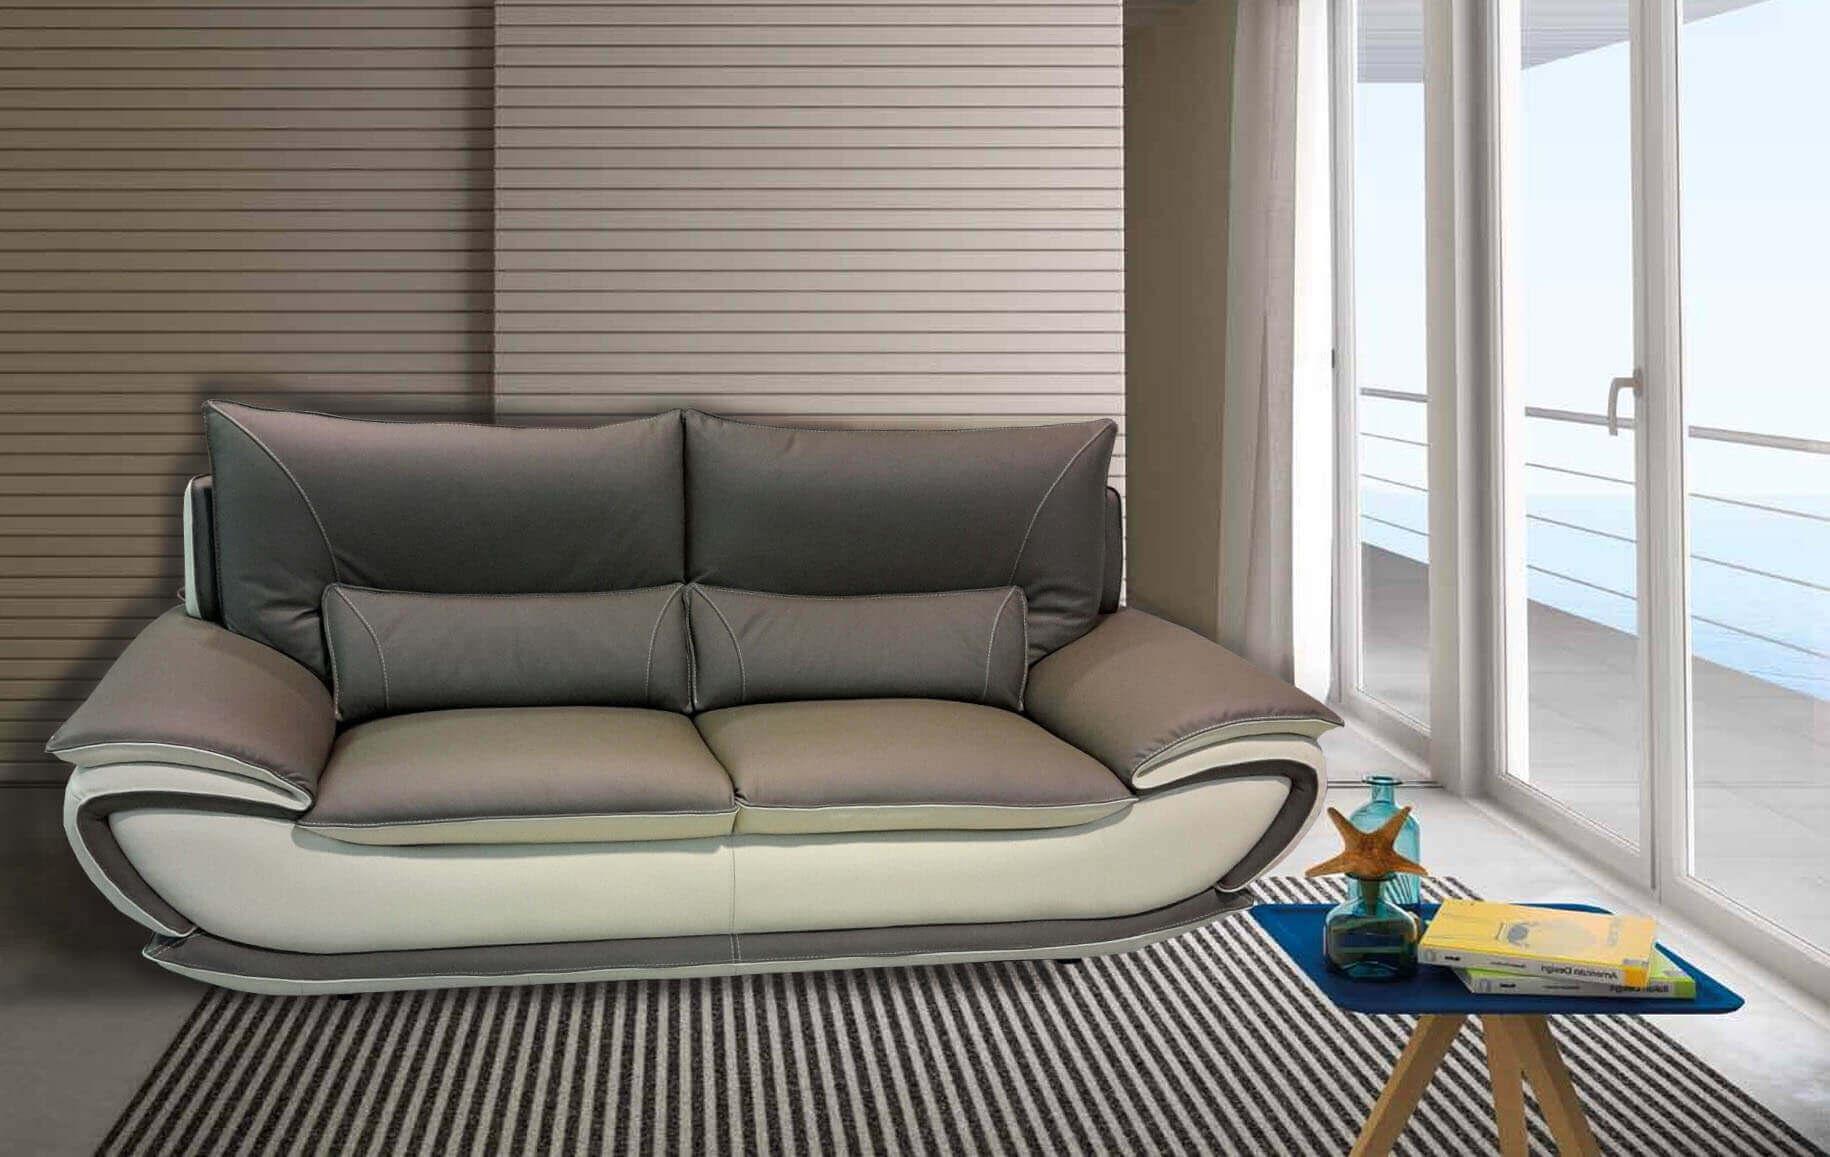 Divano due colori divani letto chateau d ax foto design - Divani letto in pelle offerte ...